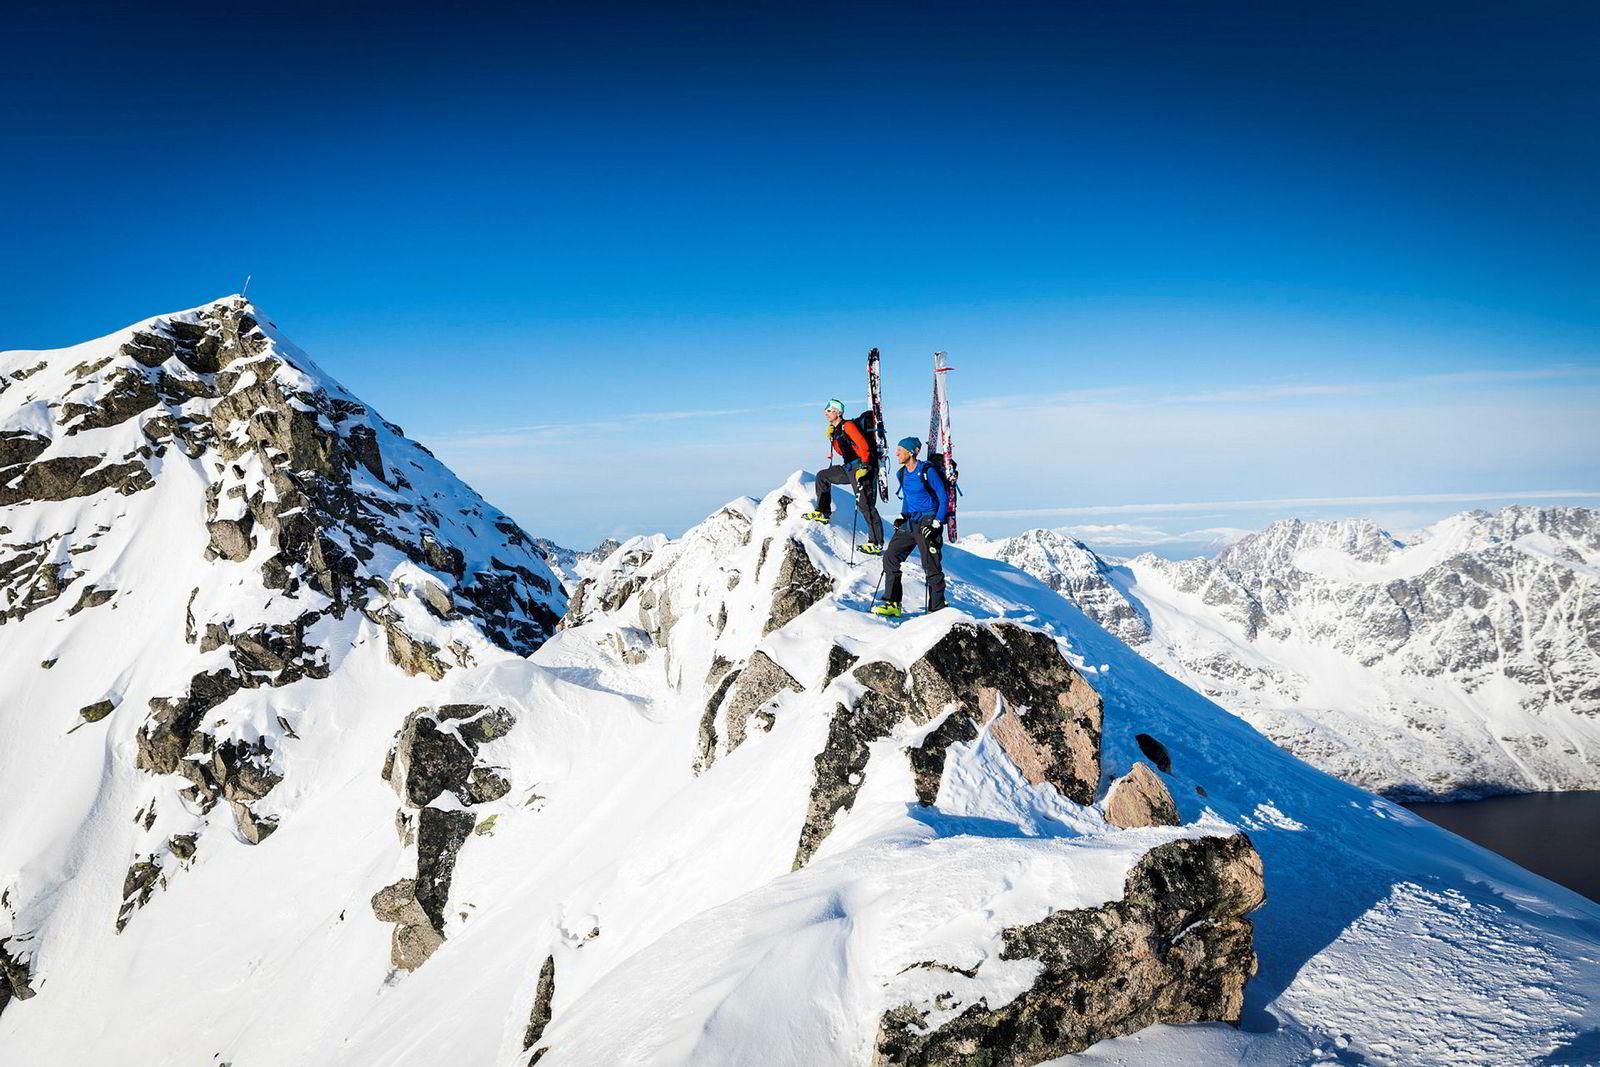 På toppen av det populære fjellet Skitntinden skimter Espen Nordahl (til høyre) og Torben Rognmo åpent hav. 1000 meter lenger nede bukter fjordarmen seg innover mellom fjellene.